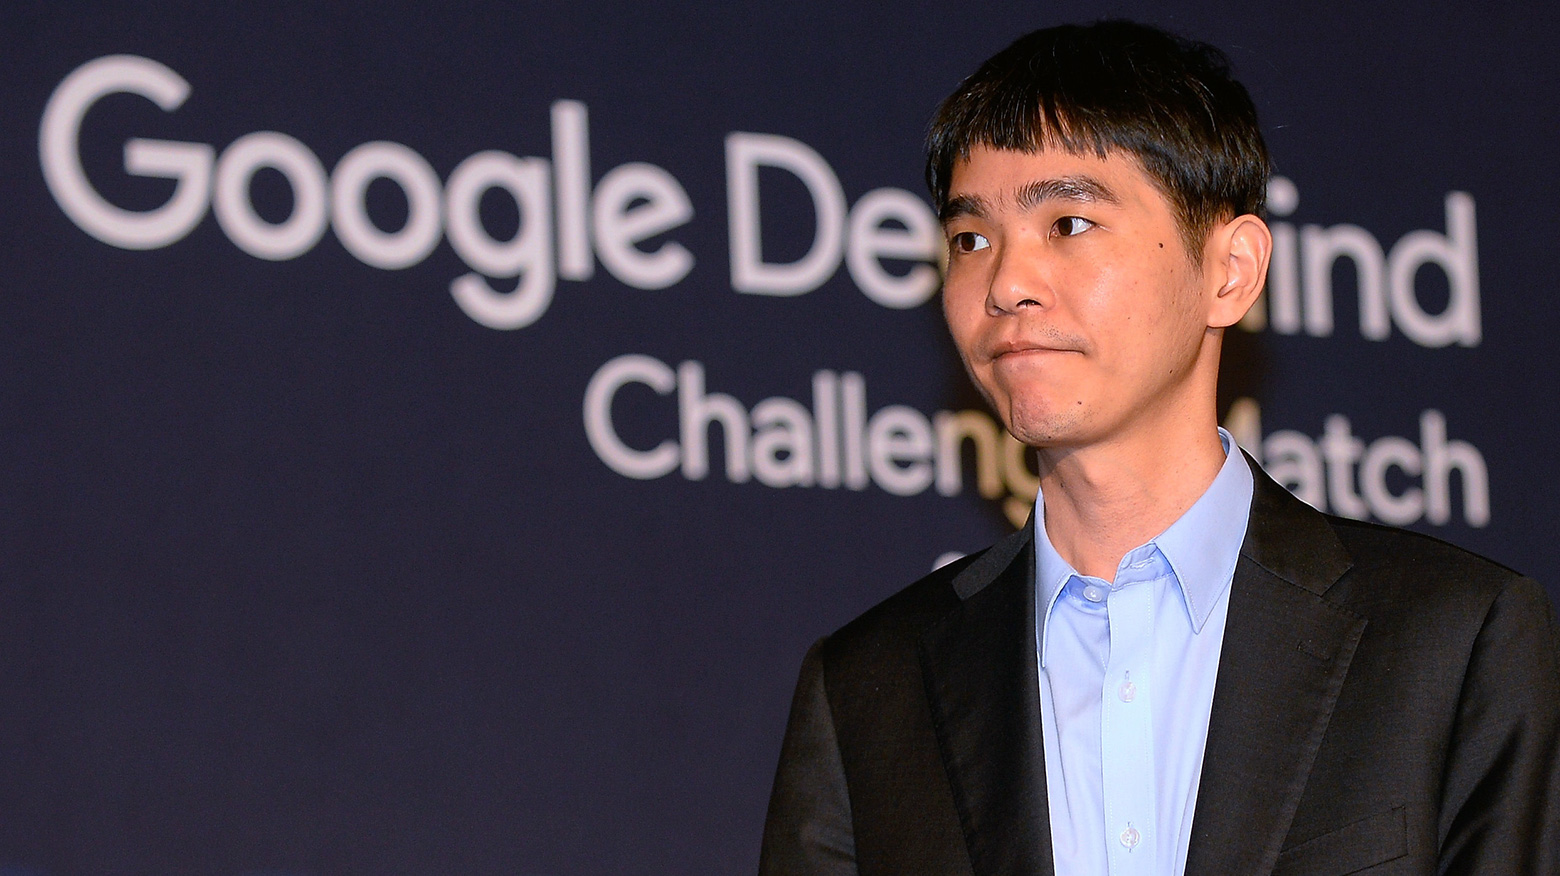 Ли Седоль уходит из большого го из-за AlphaGo. Как это понимать?